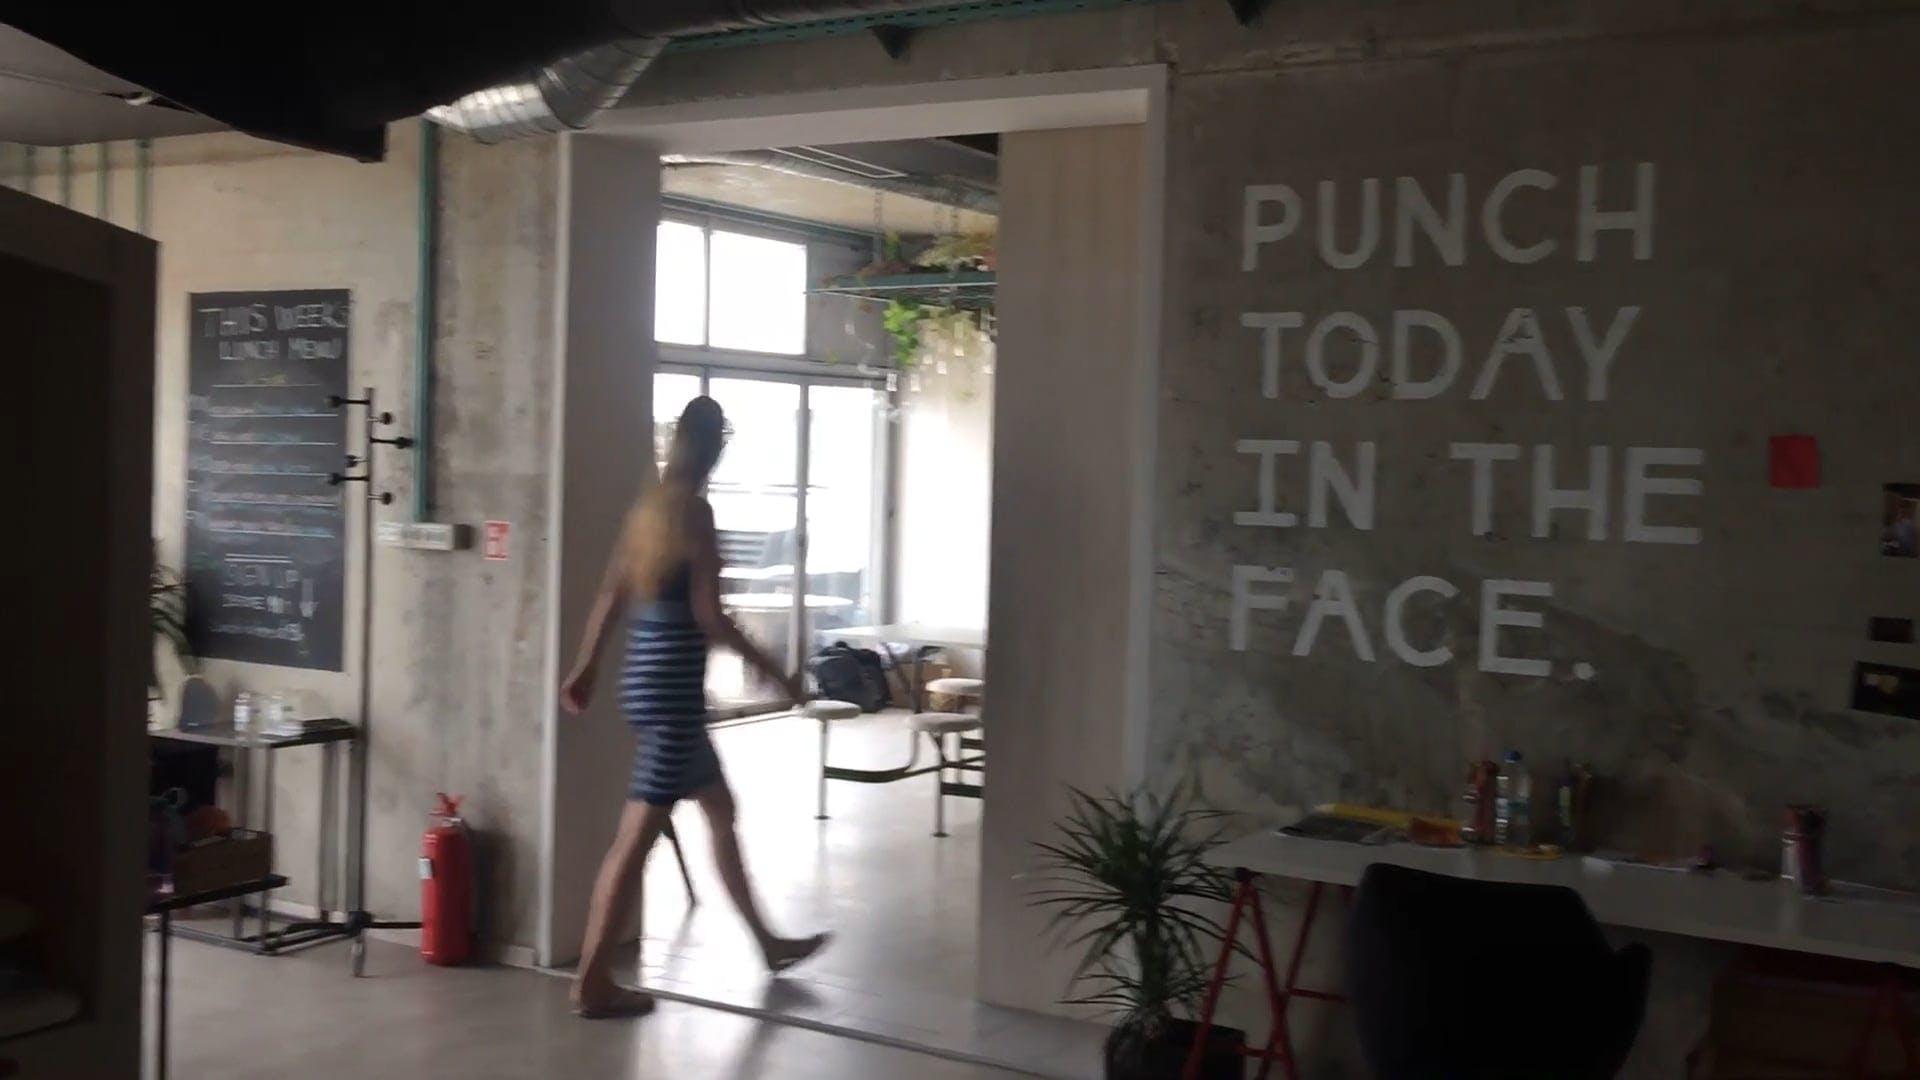 Woman Walking Inside A Building